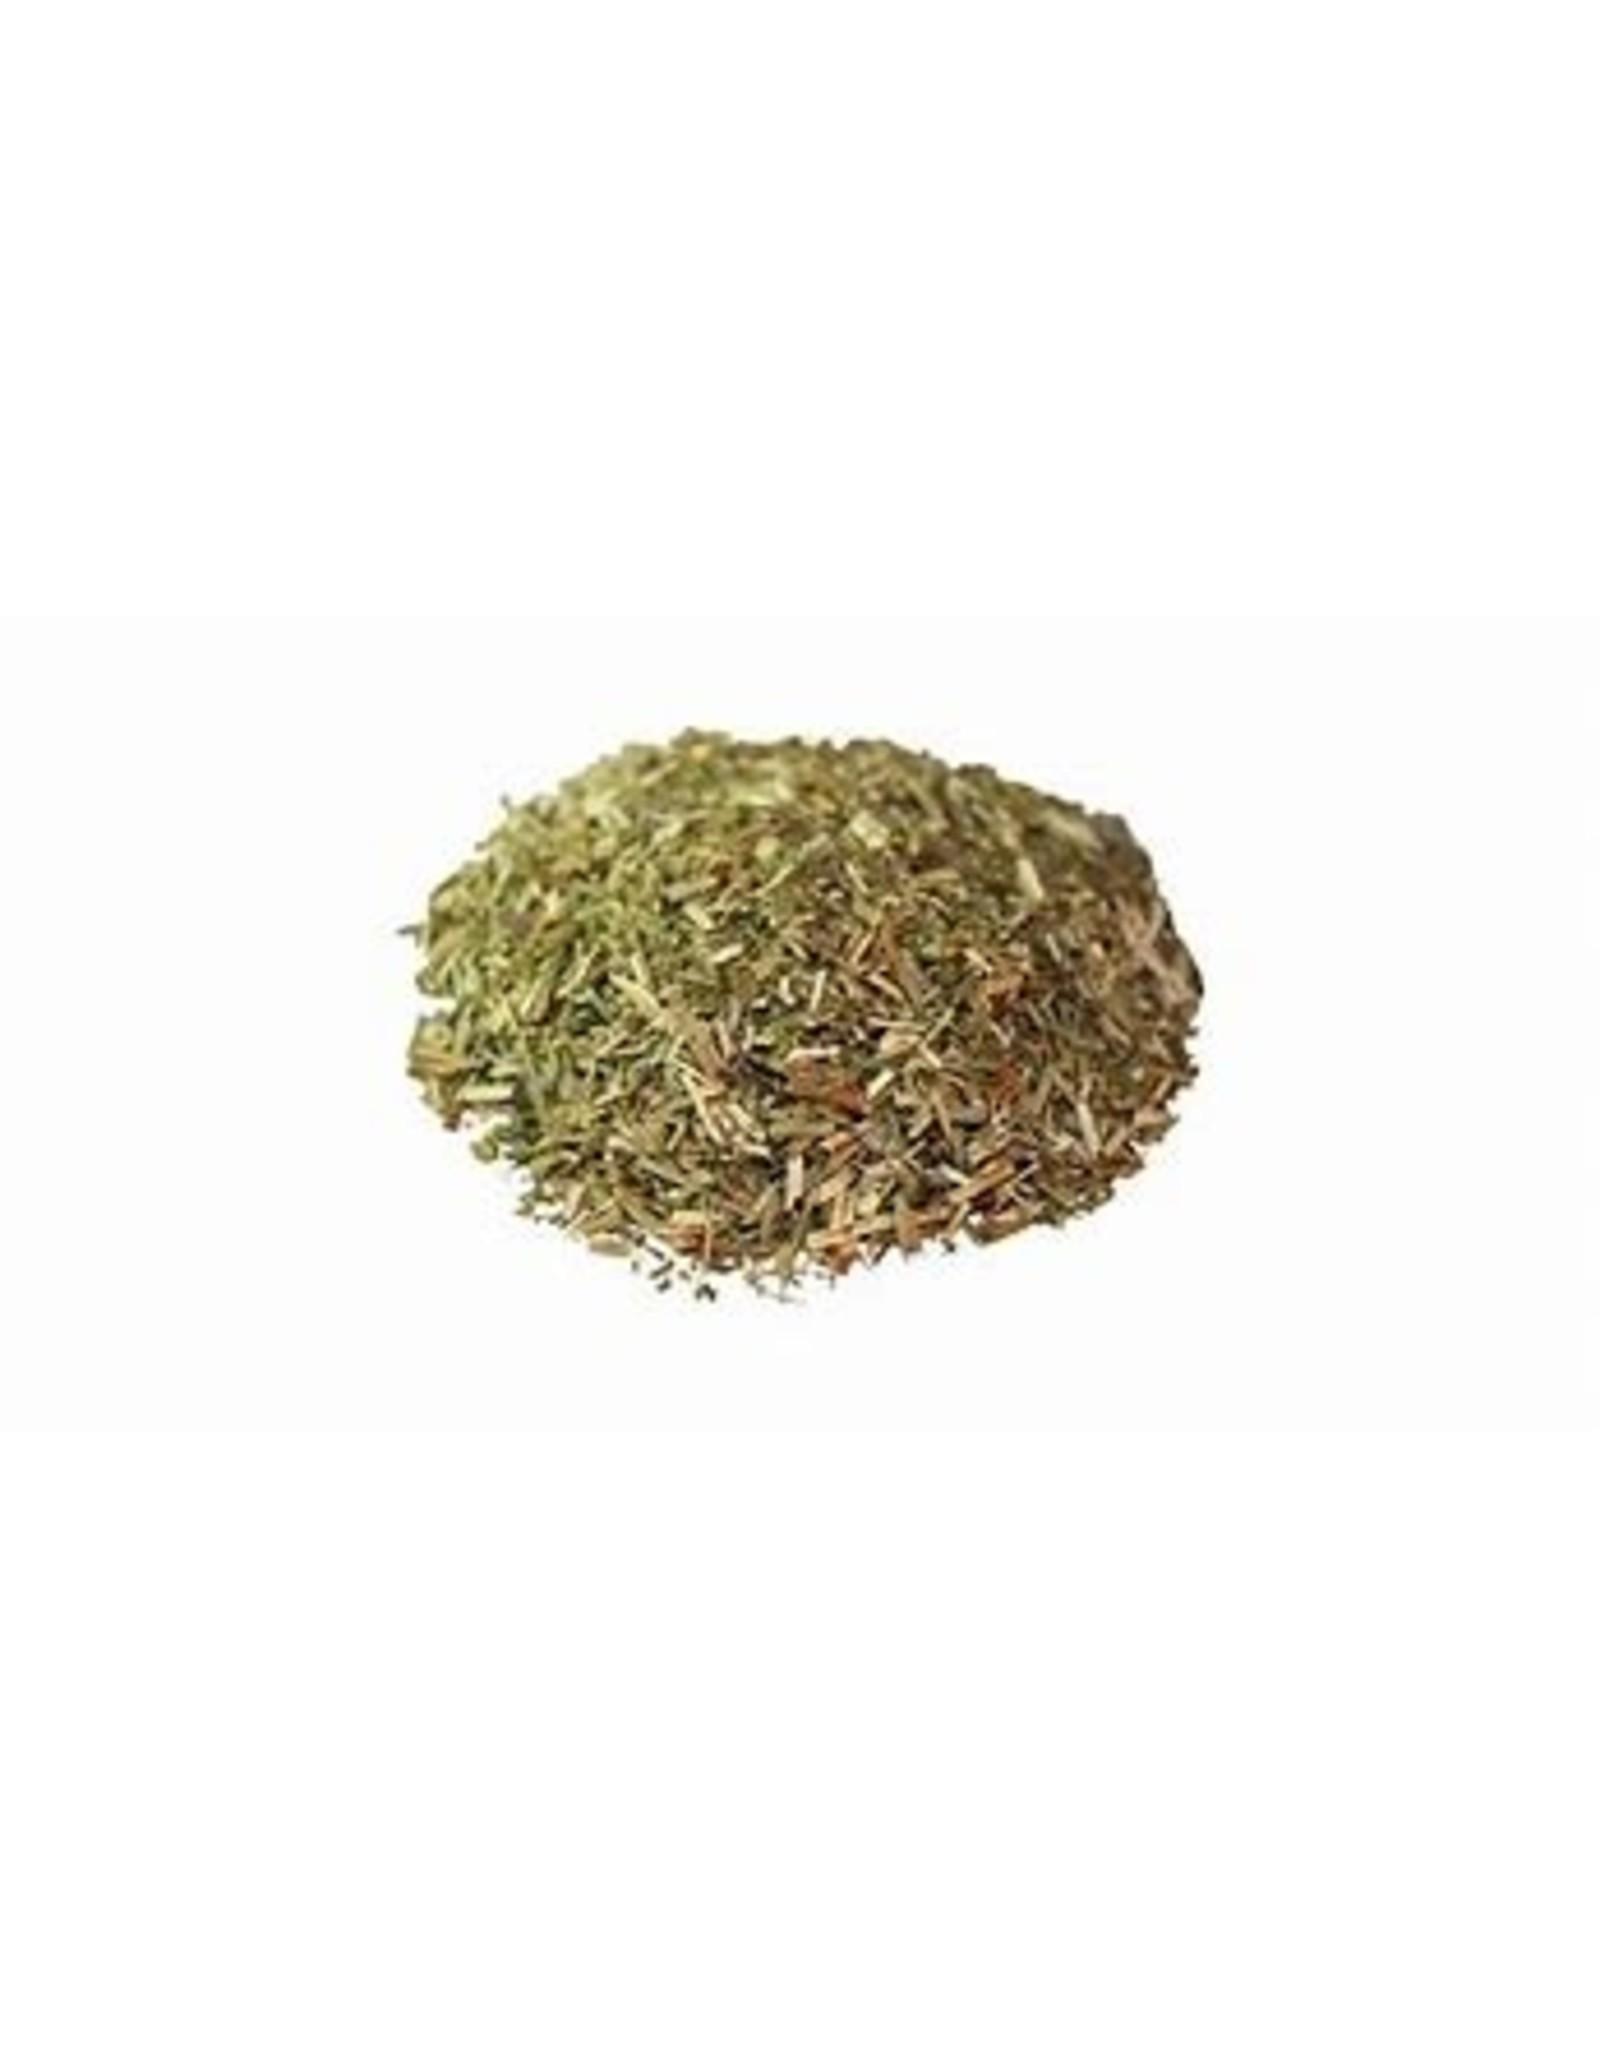 Hyssop herb 1 oz